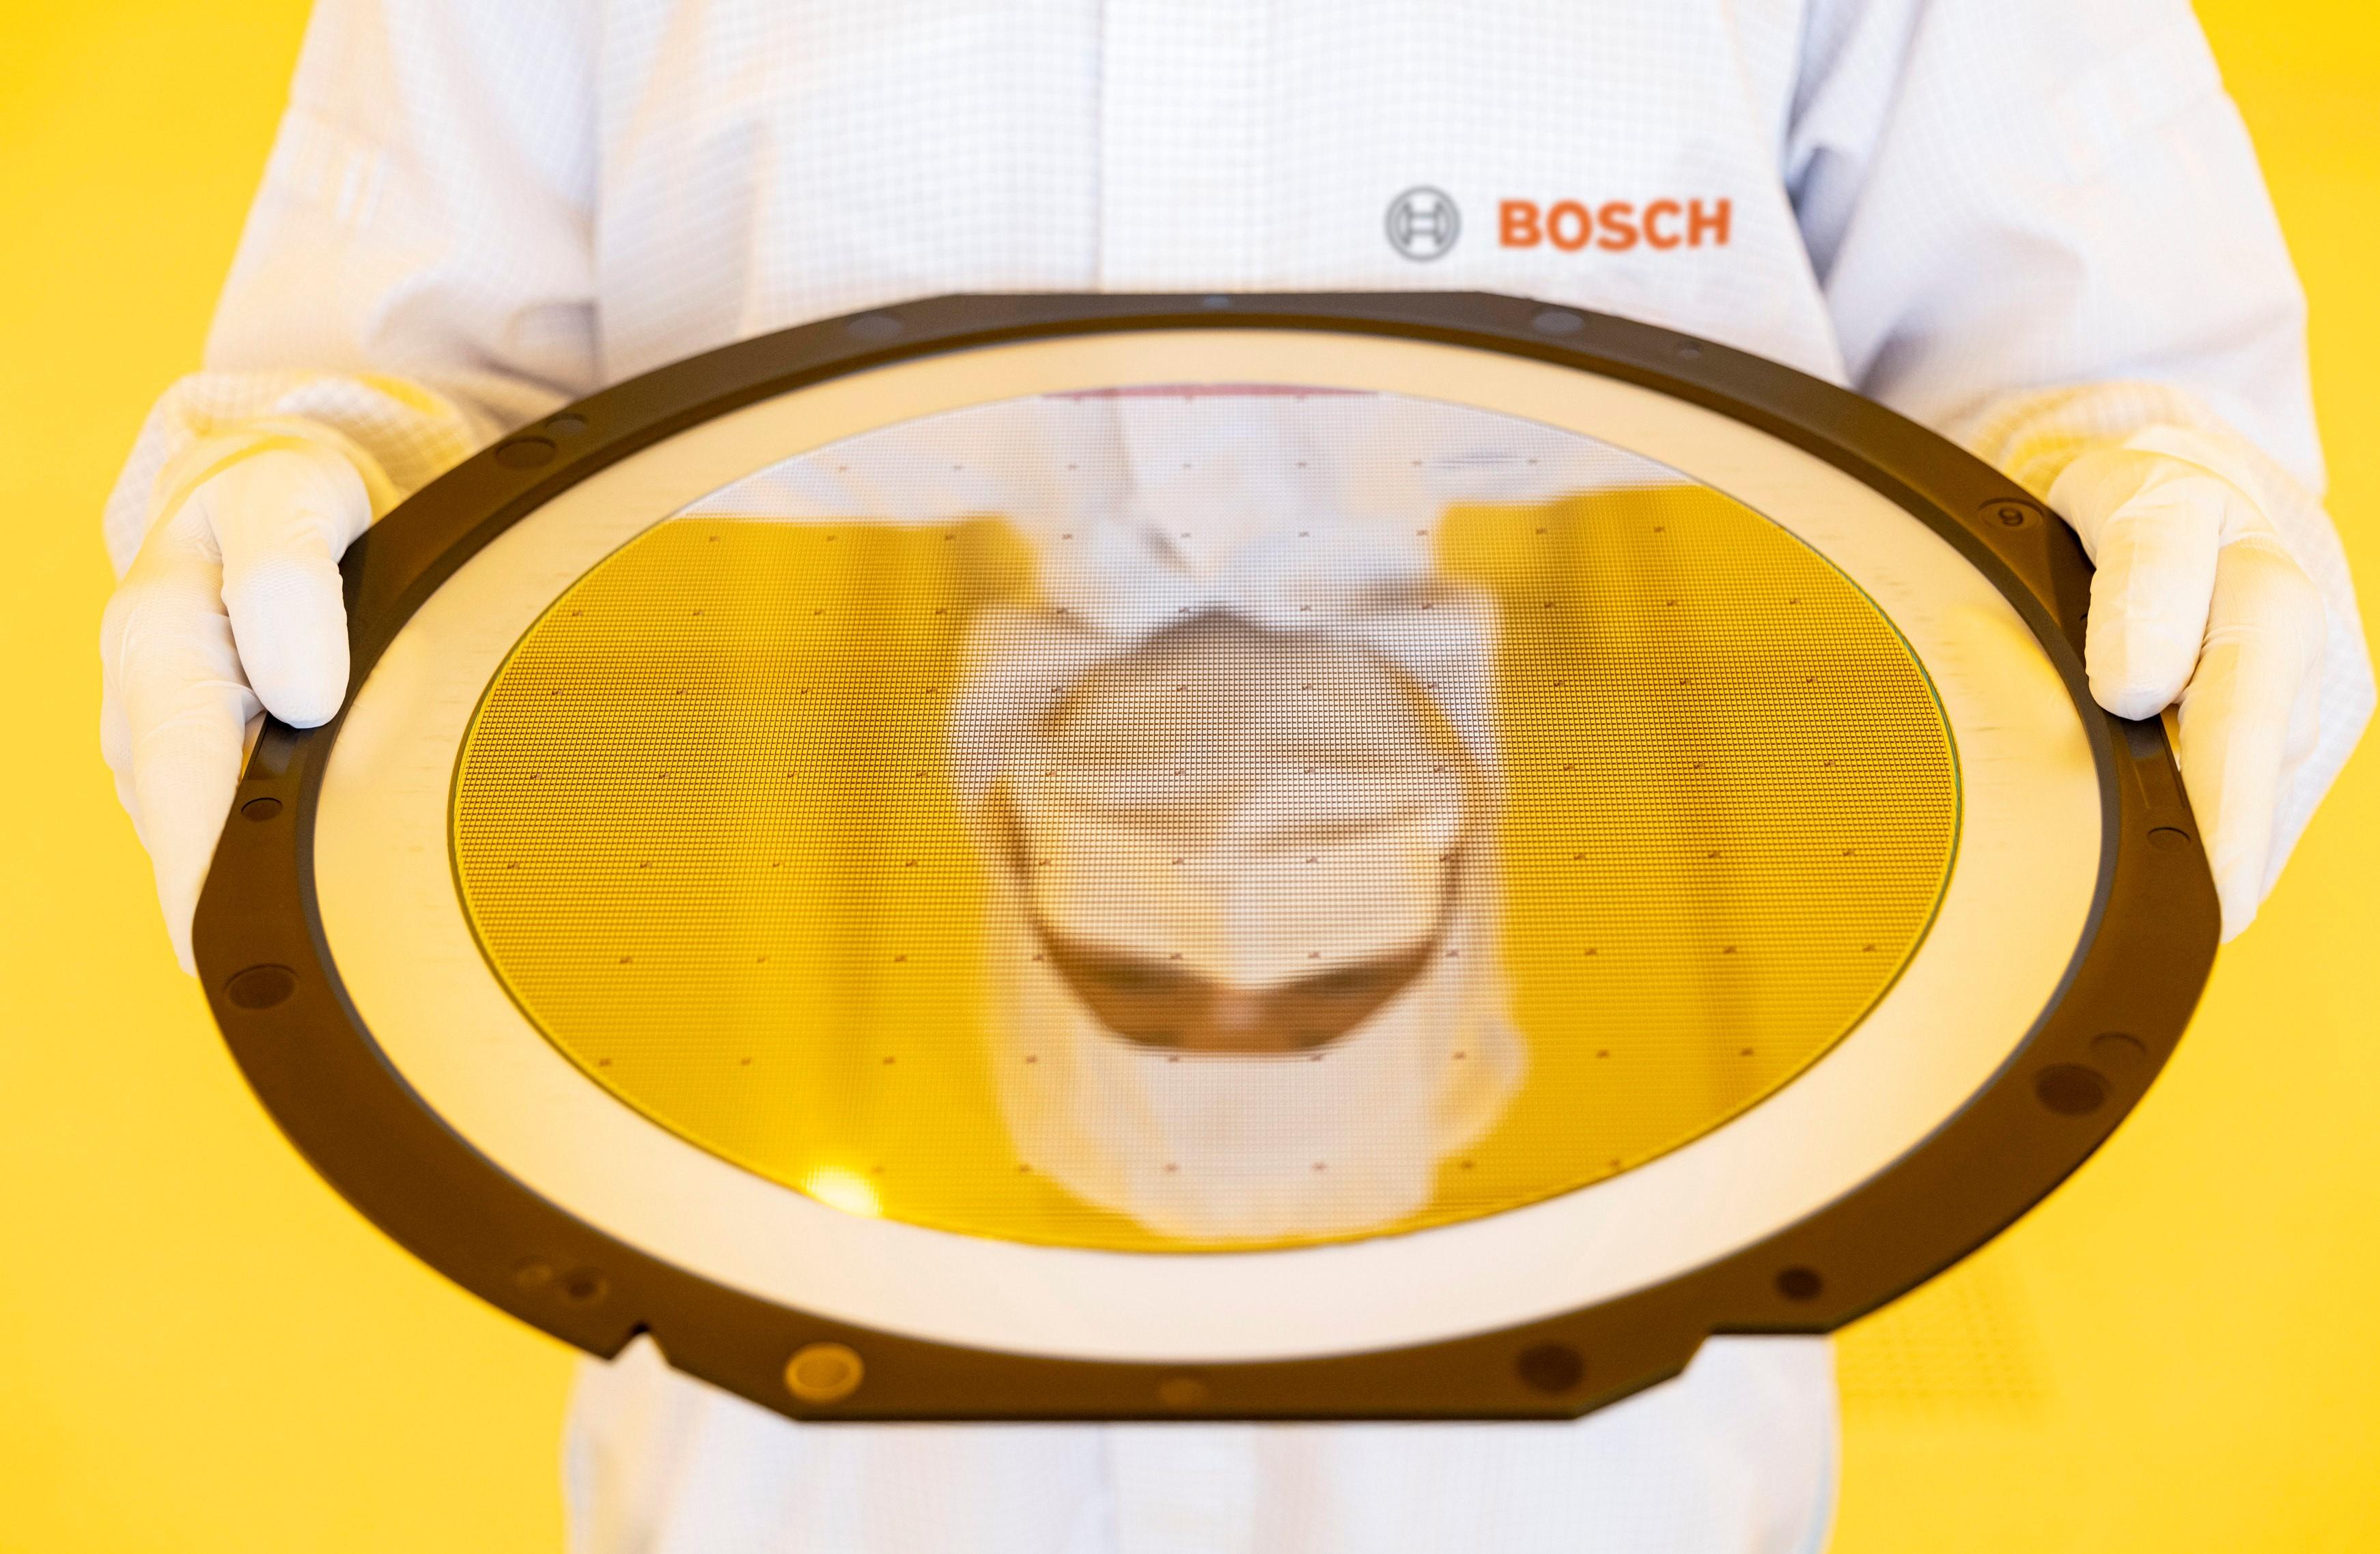 Bosch inaugura fábrica do futuro de semicondutores em Dresden - Totalmente conectada e gerenciada por inteligência artificial